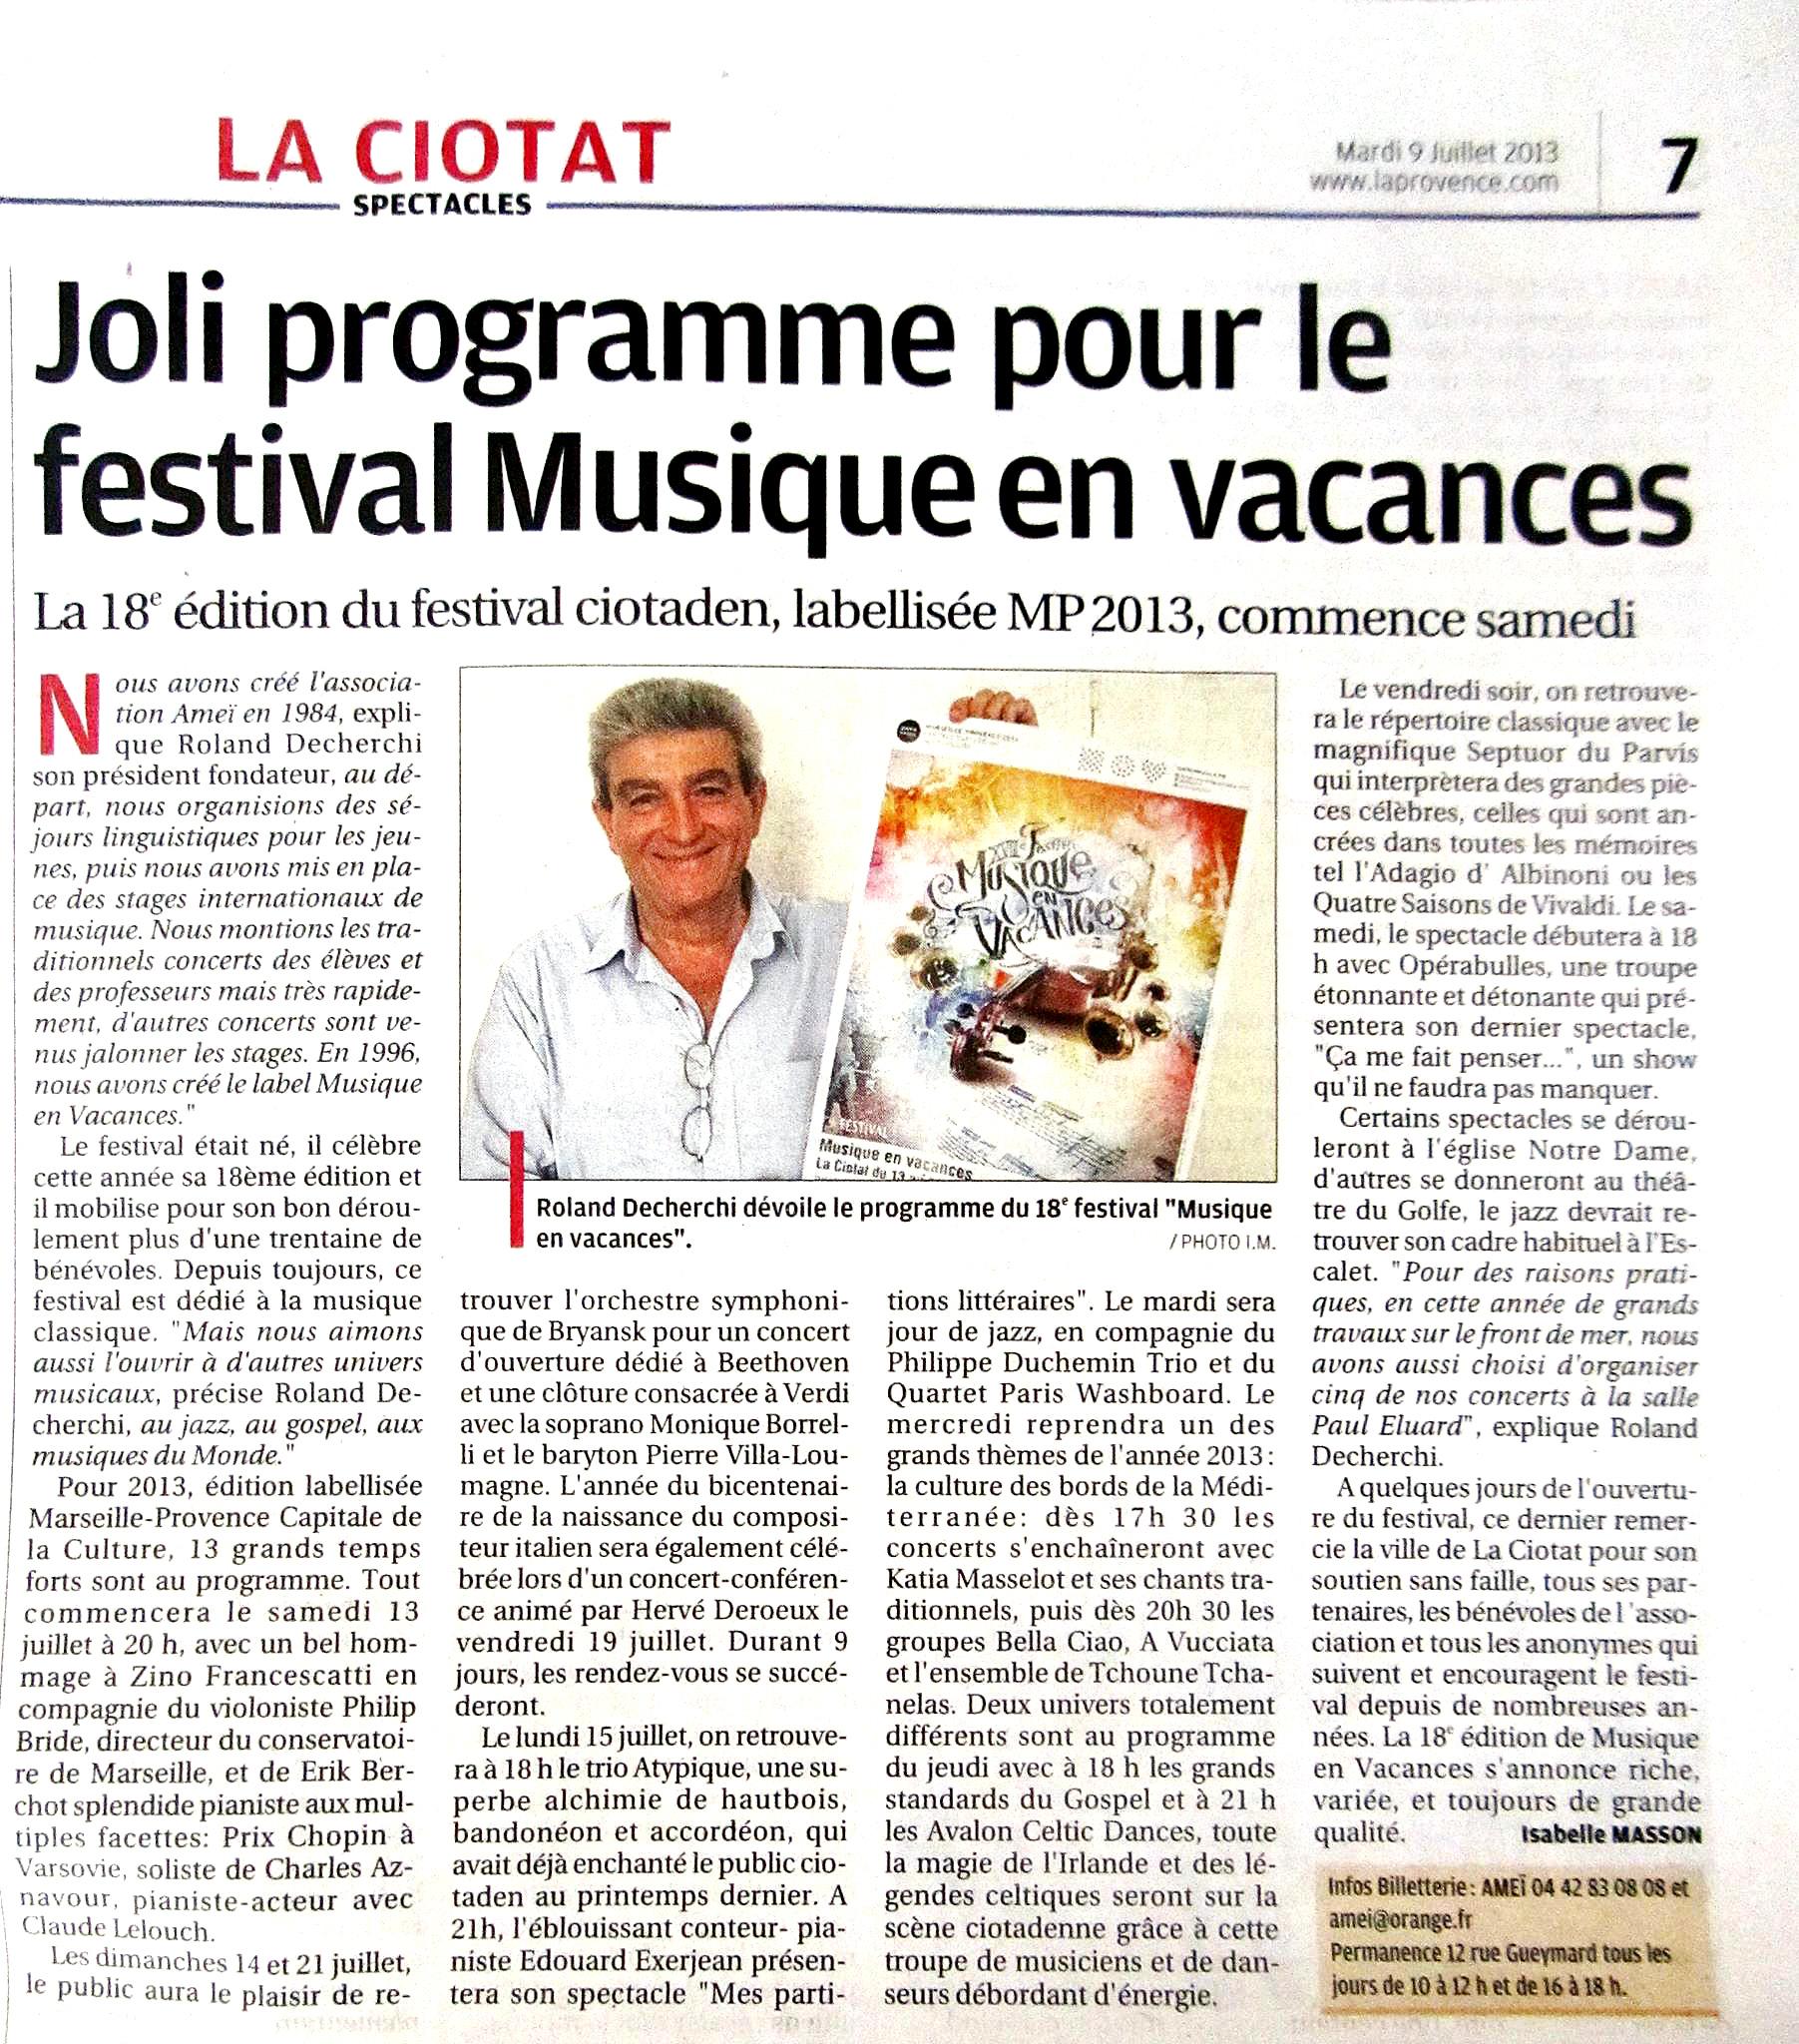 La Provence 9 juillet 2013